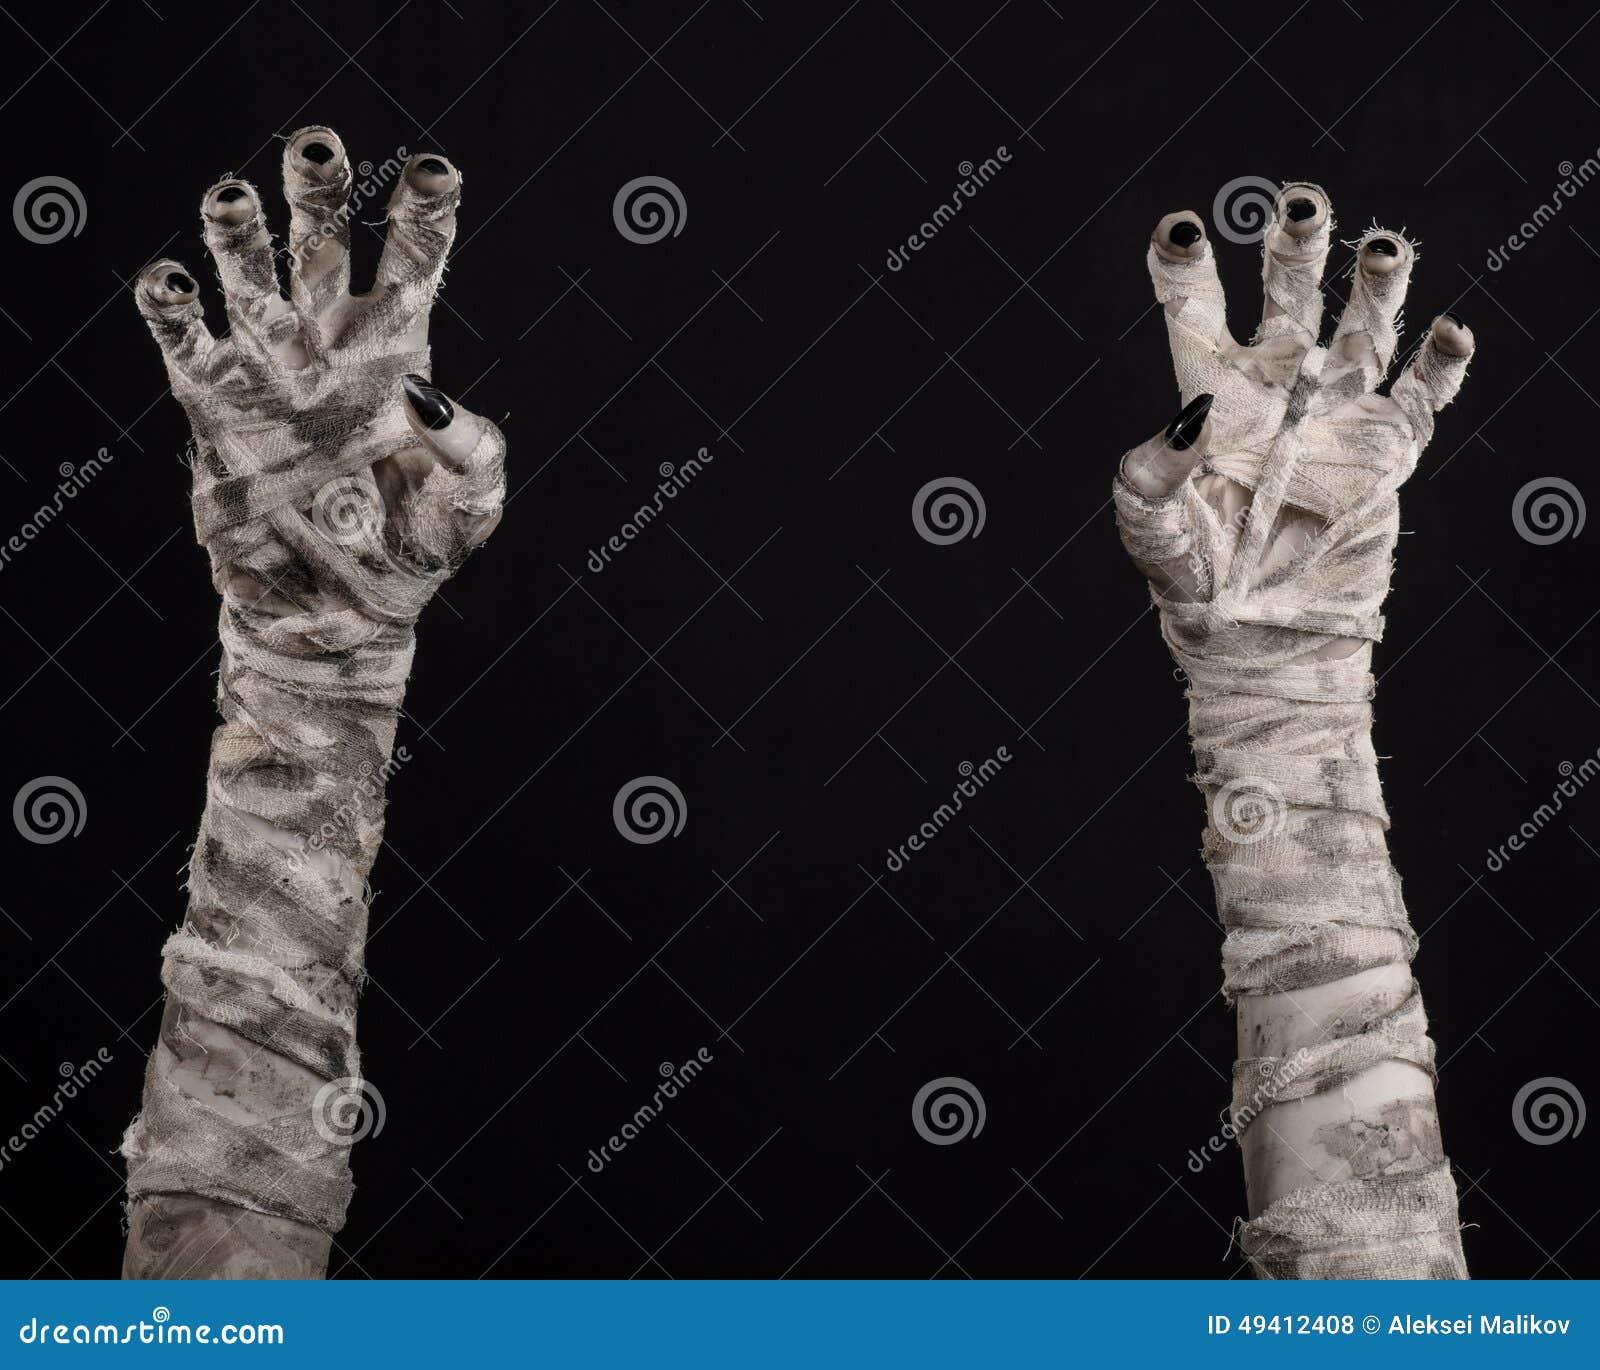 Download Halloween-Thema: Schreckliche Alte Mamahände Auf Einem Schwarzen Hintergrund Stockfoto - Bild von schmutzig, mystiker: 49412408